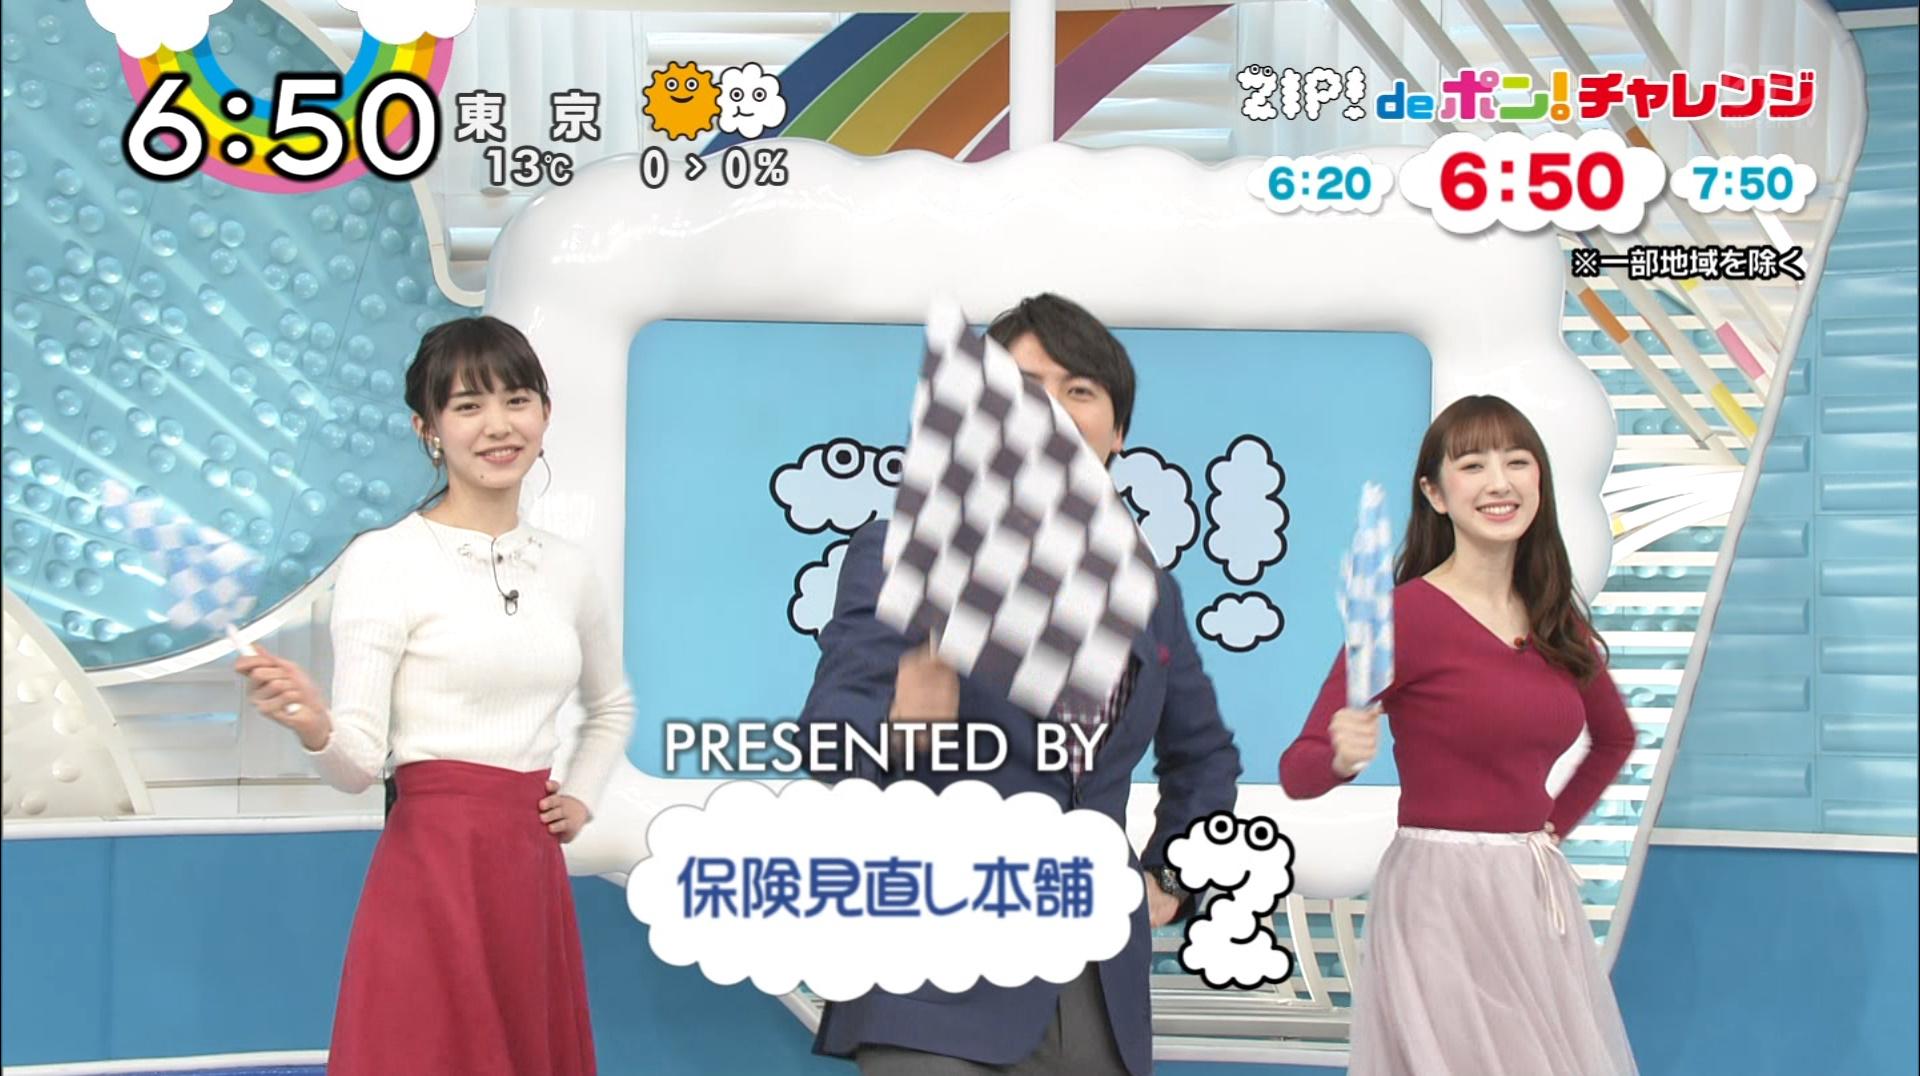 【お宝画像】團遥香さんのおぱーいユサユサダンス!ZIP!で朝から乳揺らし!